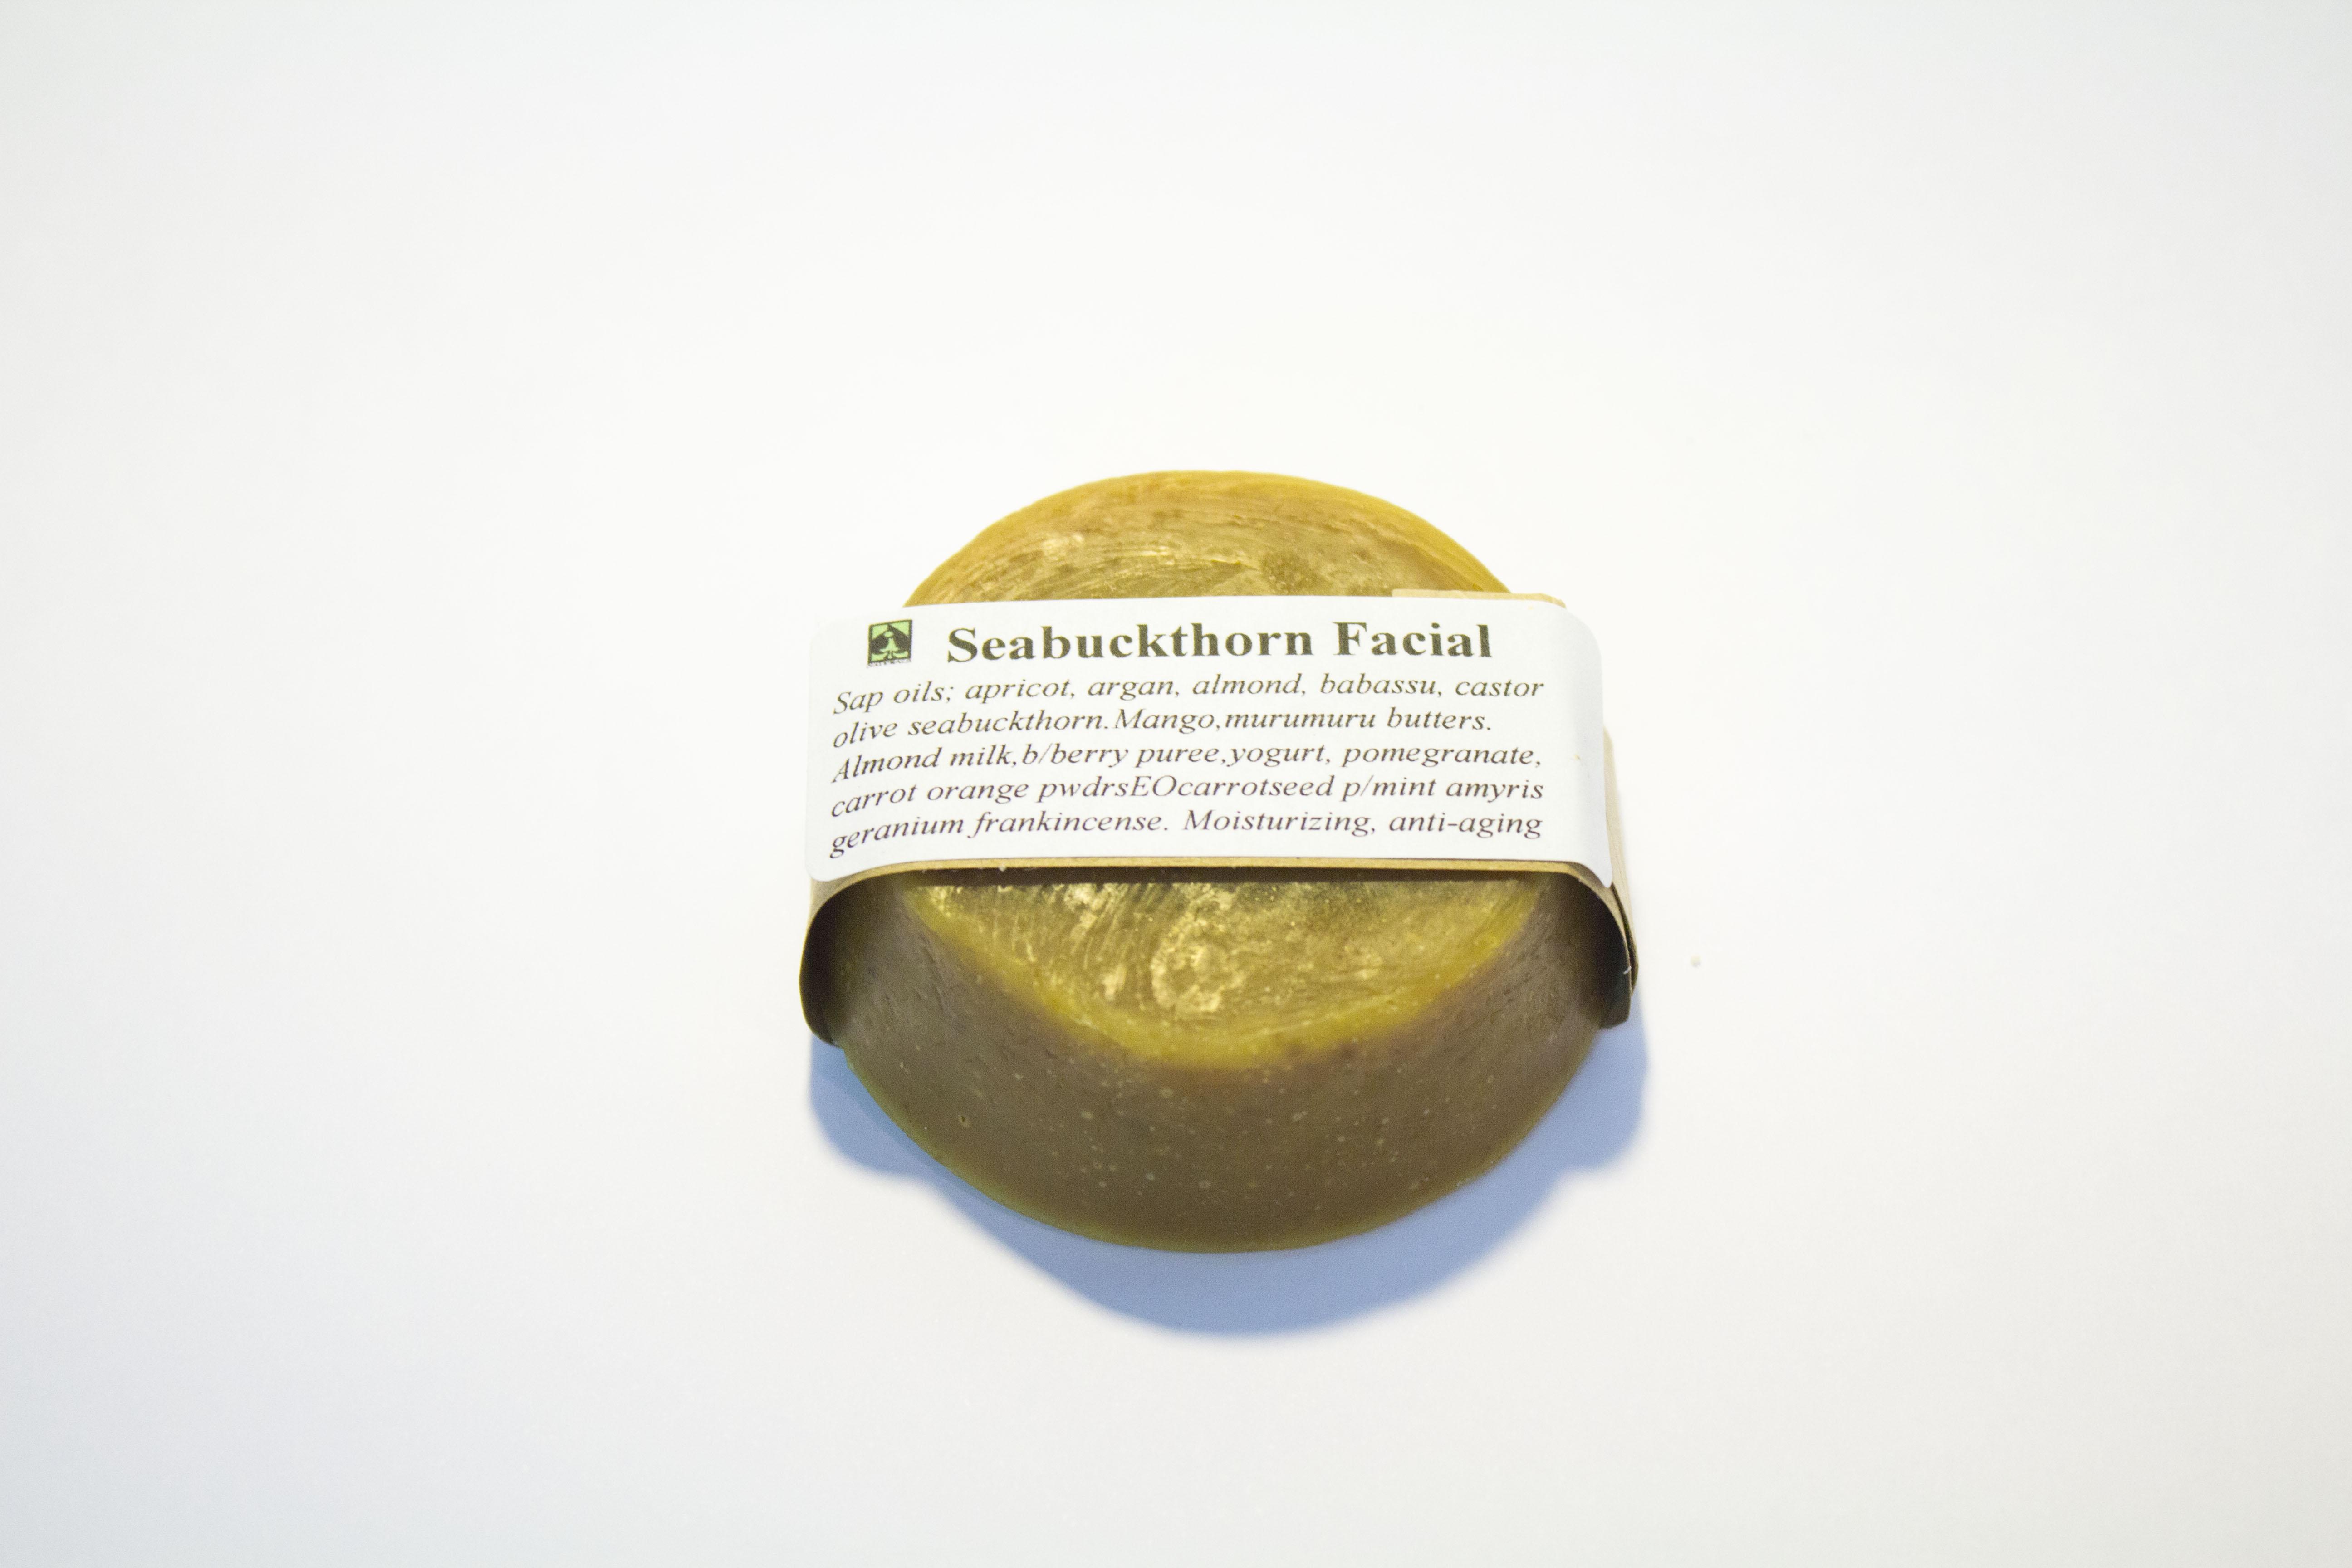 Seabuckthorn Facial